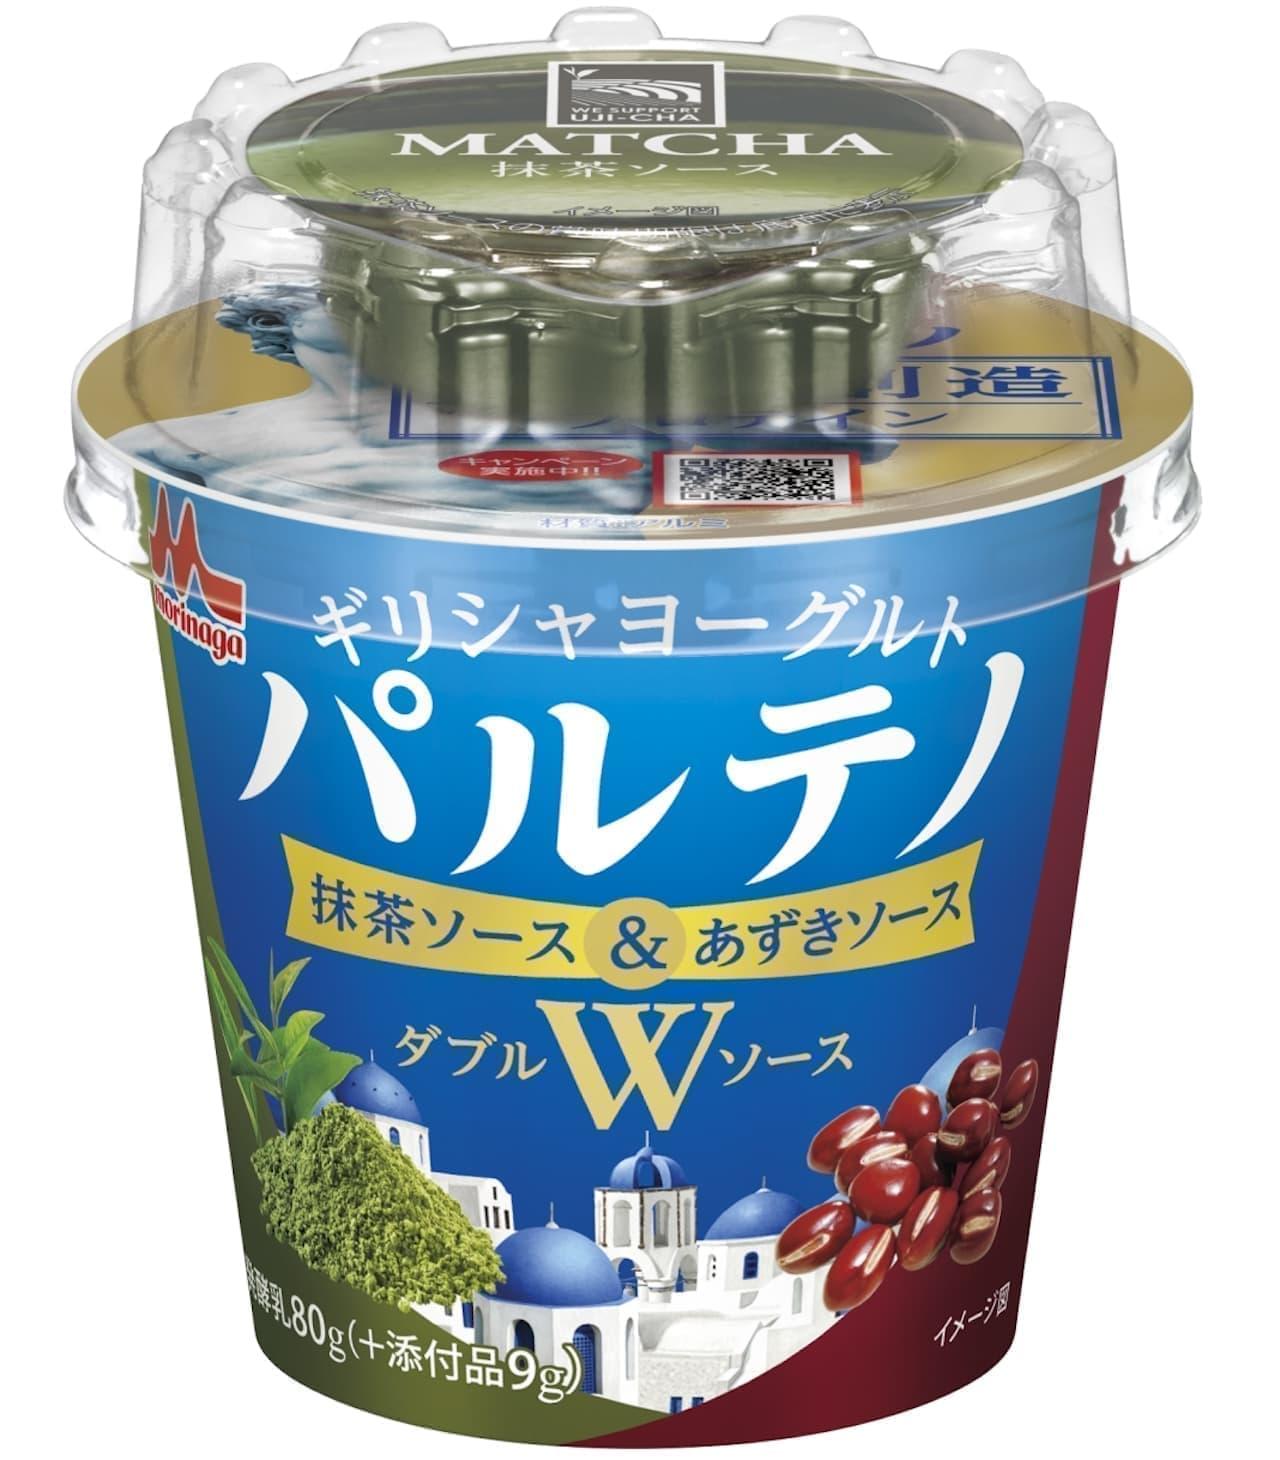 森永乳業「ギリシャヨーグルト パルテノ Wソース 抹茶ソース&あずきソース」